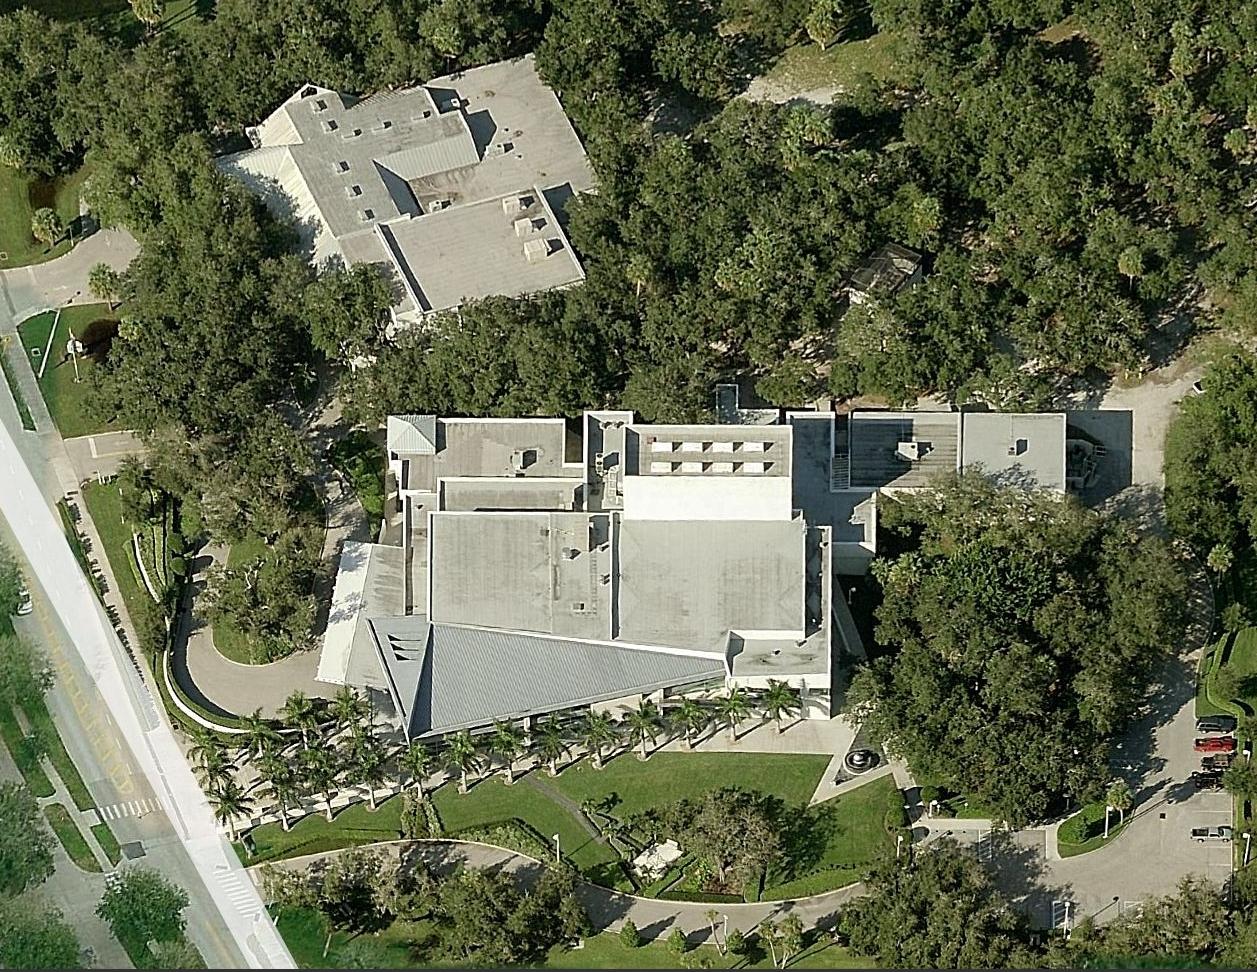 Riverside Theatre campus in Vero Beach, Florida